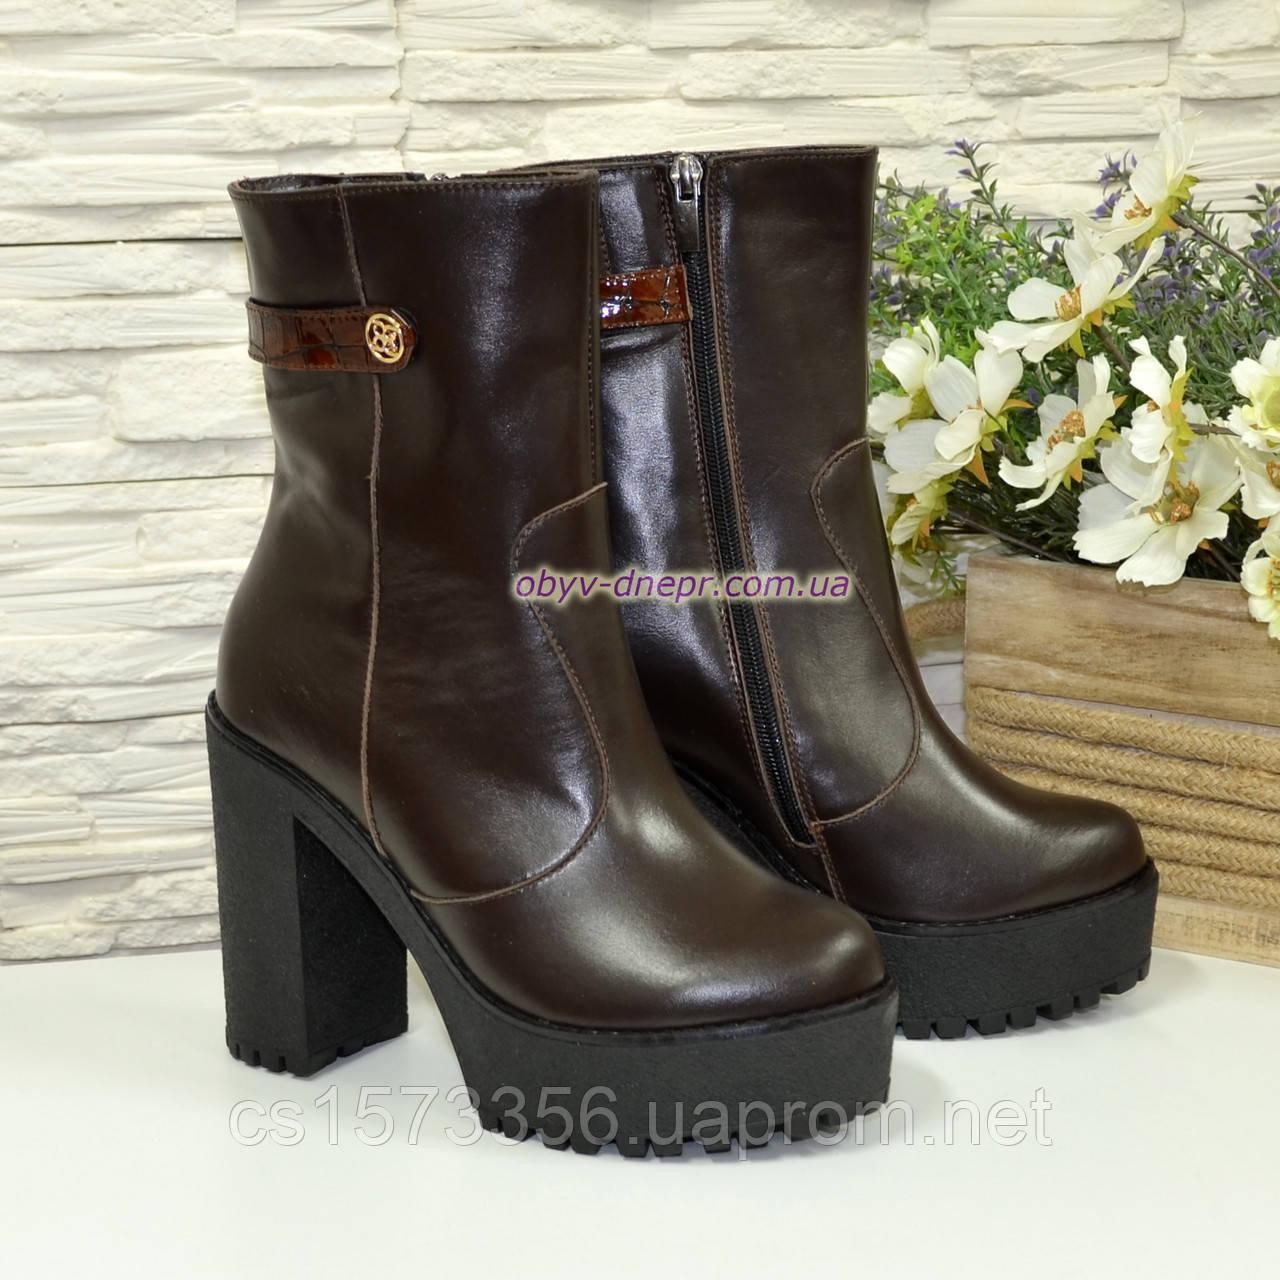 Ботинки женские кожаные демисезонные на высоком устойчивом каблуке